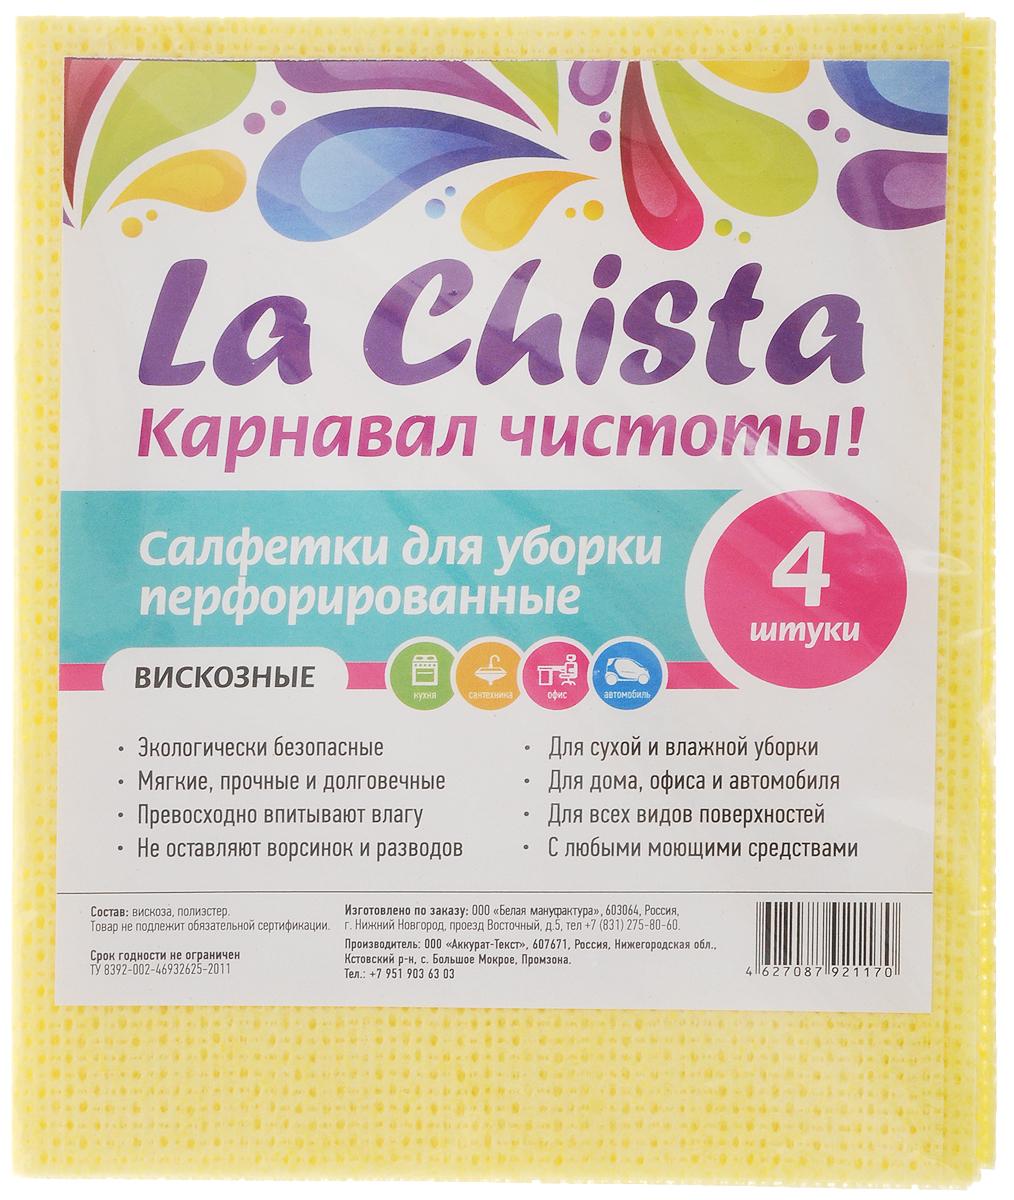 Салфетка La Chista, перфорированная, цвет: желтый, 4 шт870196_желтыйПерфорированные салфетки La Chista, выполненные из вискозы и полиэстера, предназначены для сухой и влажной уборки в доме, а также в офисе и автомобиле. Изделия превосходно впитывают влагу, не оставляют ворсинок и разводов. Они подходят для всех видов поверхностей. Можно использовать с любыми моющими средствами. Перфорированные салфетки La Chista отличаются своей мягкостью, прочностью и долговечностью.